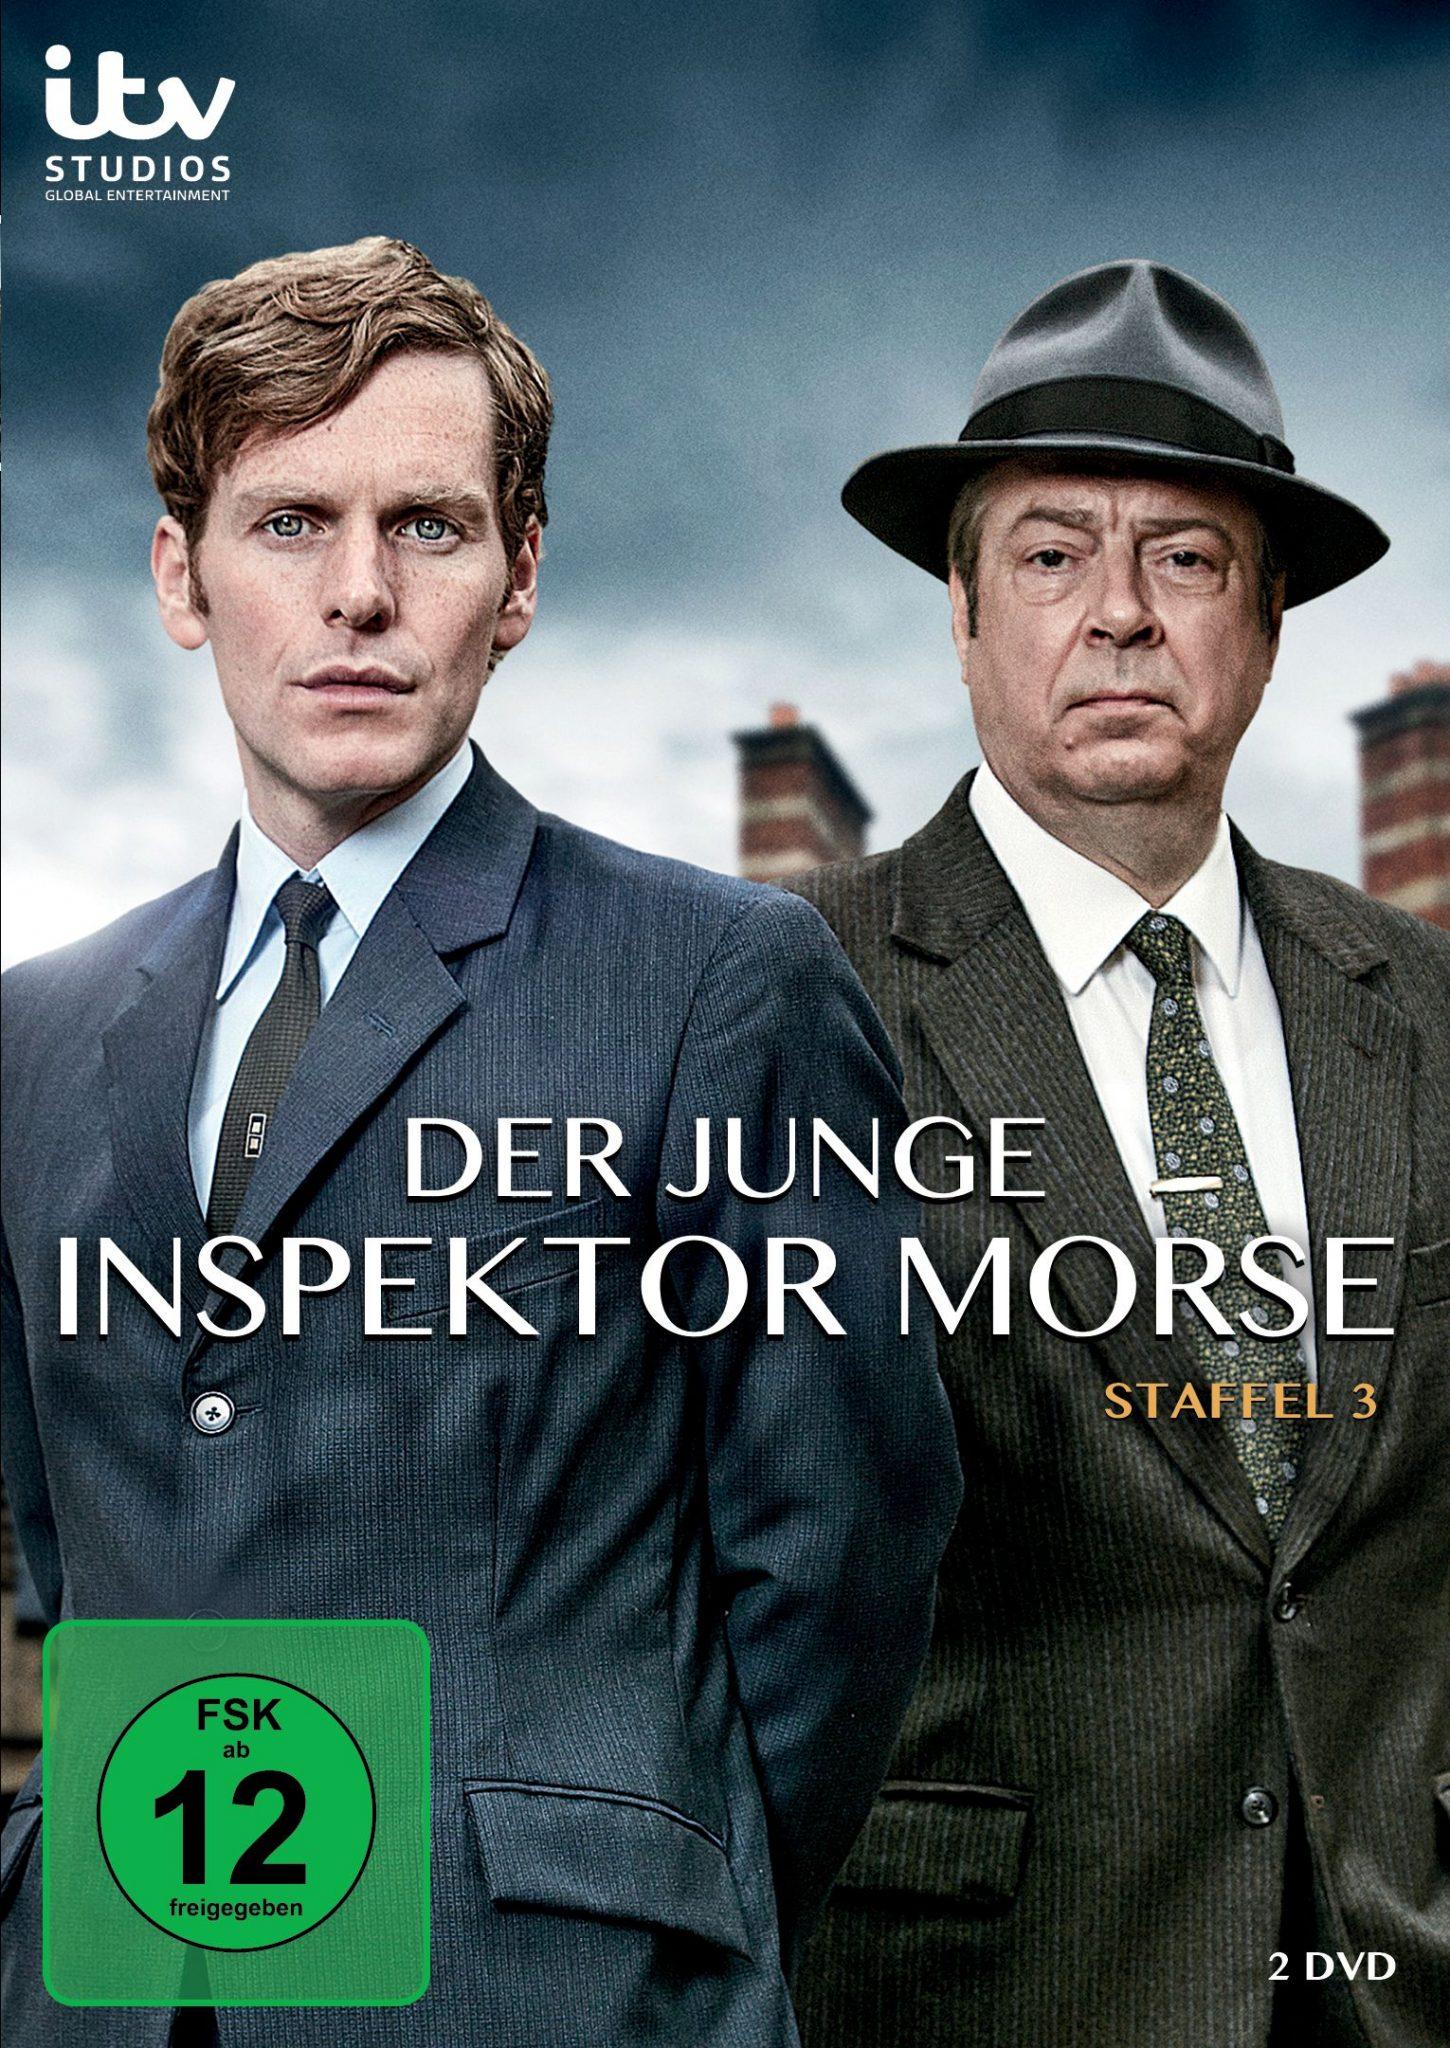 der junge inspector morse